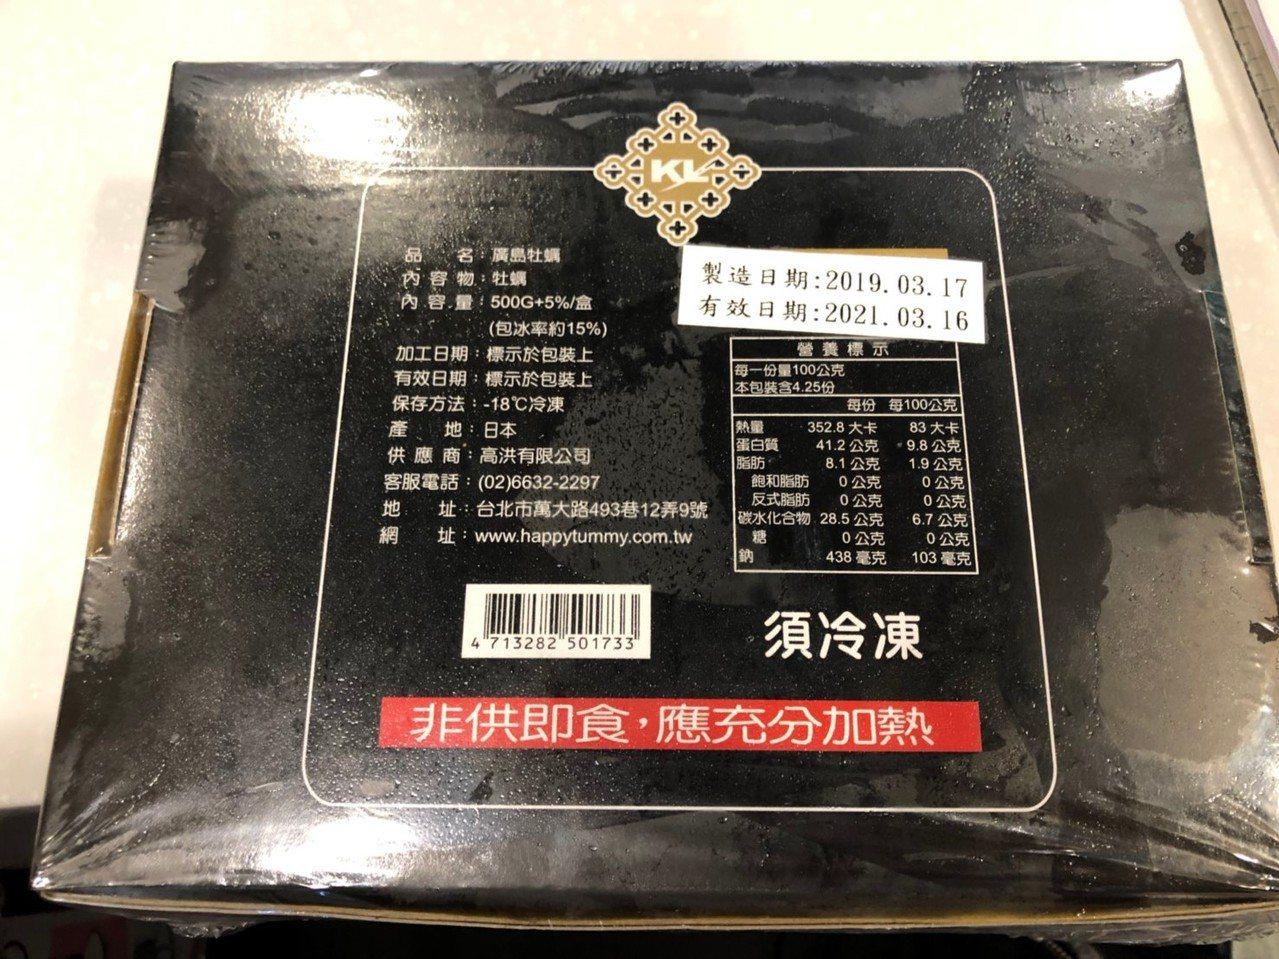 北市衛生局抽驗日本進口食品輻射殘留情況及標示是否合格,發現1件「廣島牡蠣」原產地...